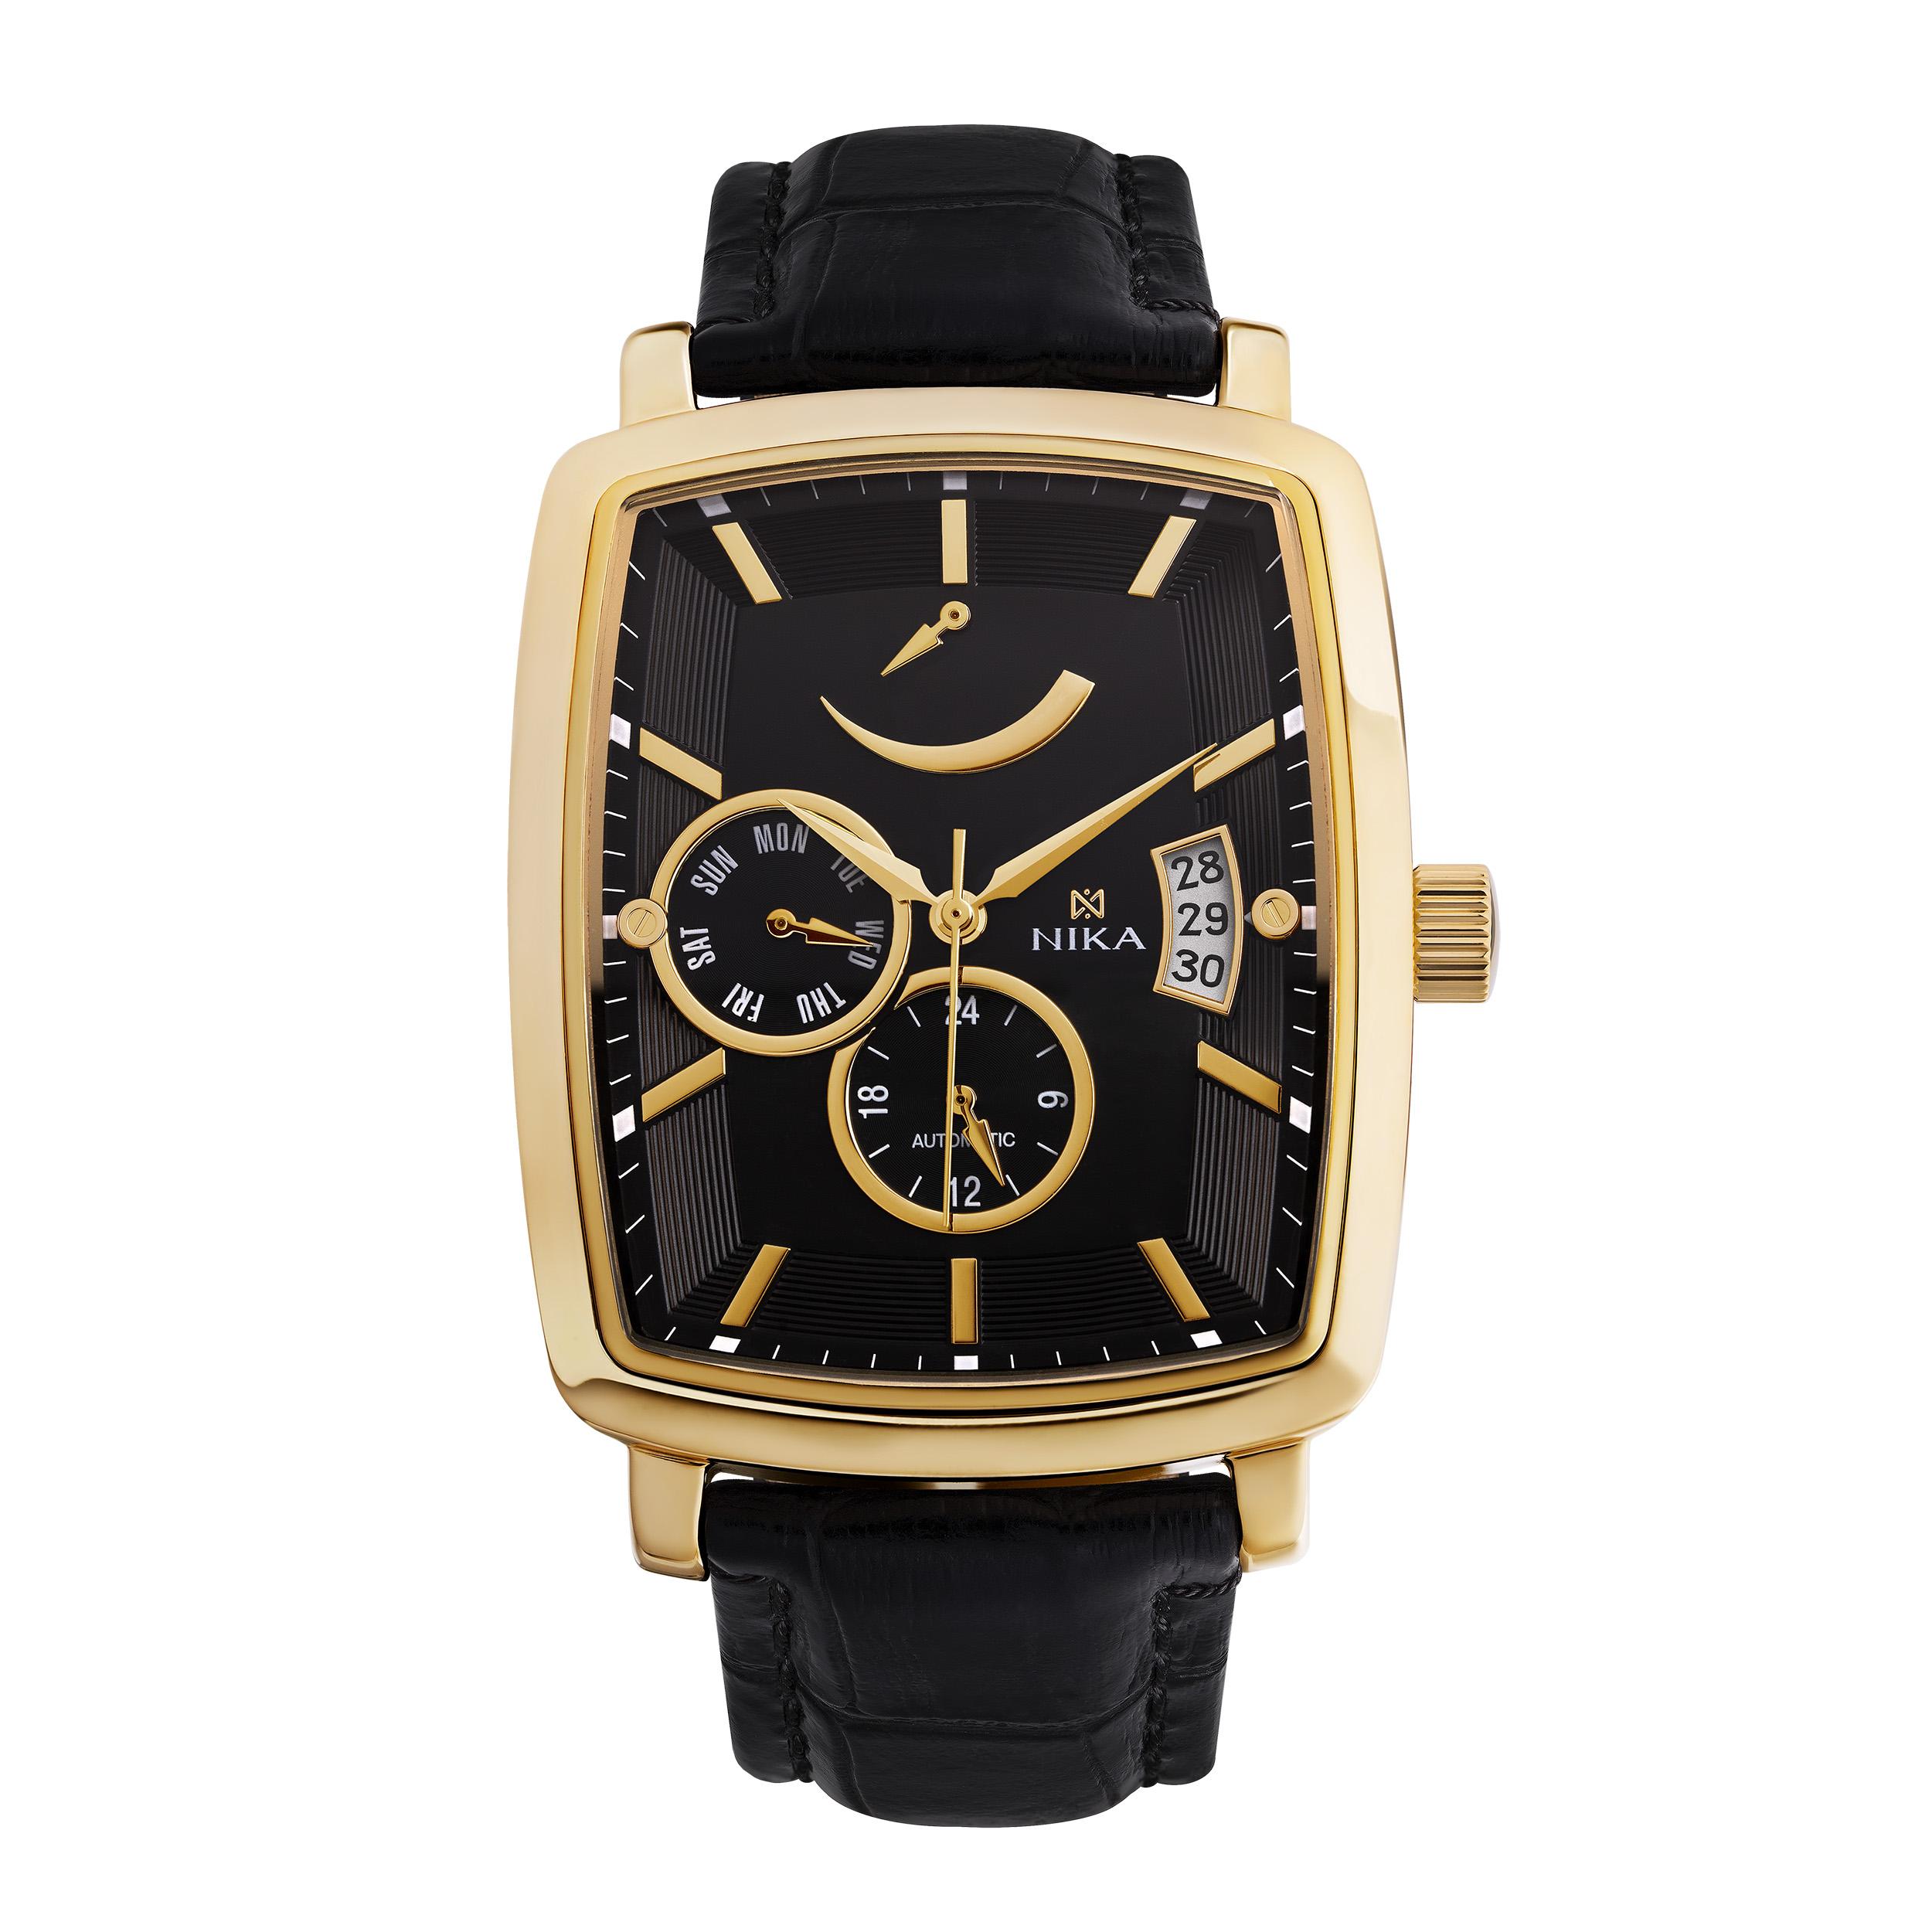 Мужские часы из лимонного золота механические с автоподзаводом запас хода 40 часов арт. 1231.0.3.55a 1231.0.3.55a